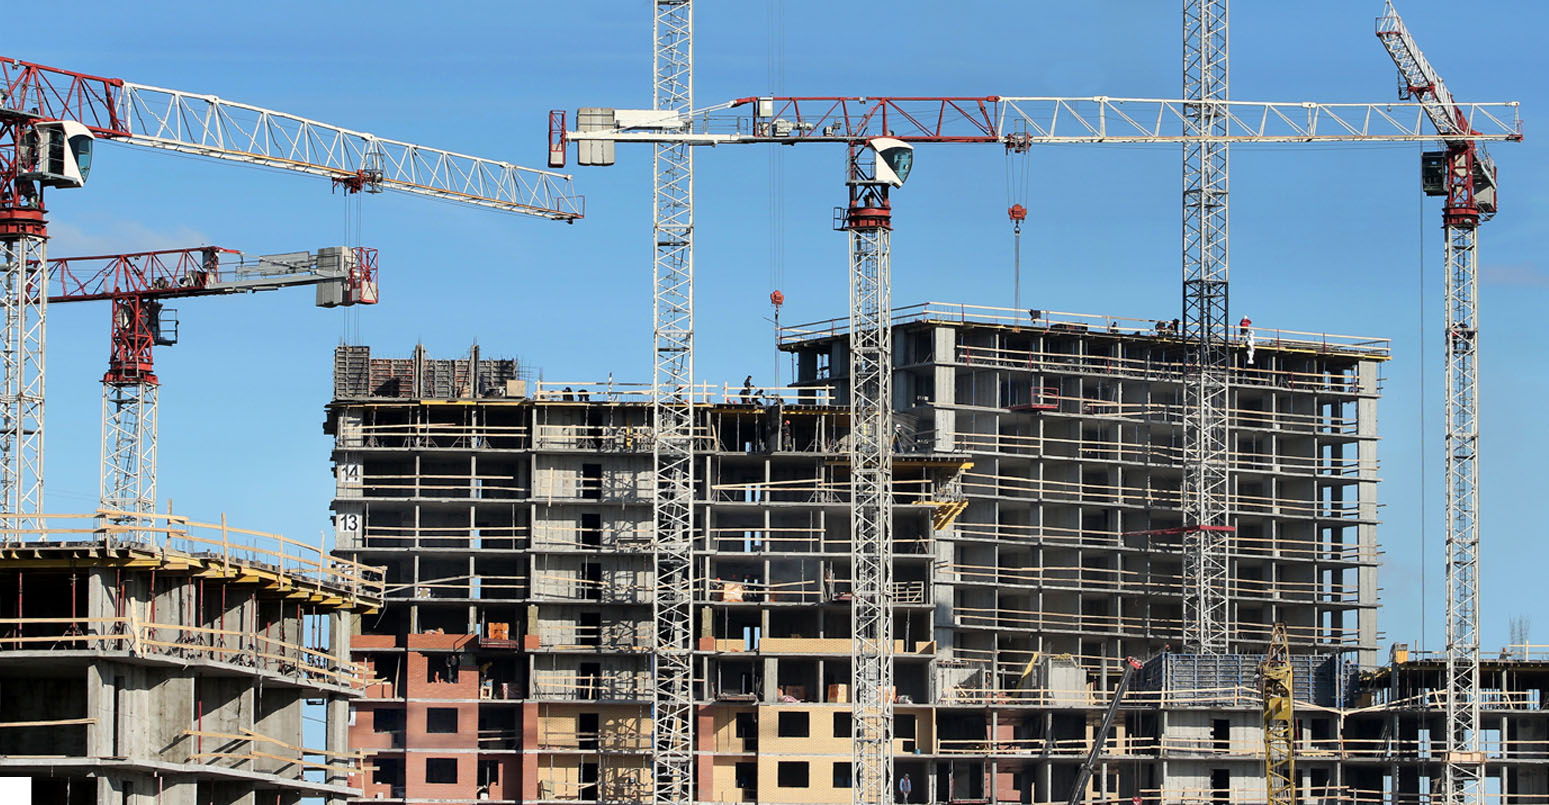 Construcci n inteligente f bricas suministros for Videos de construccion de edificios